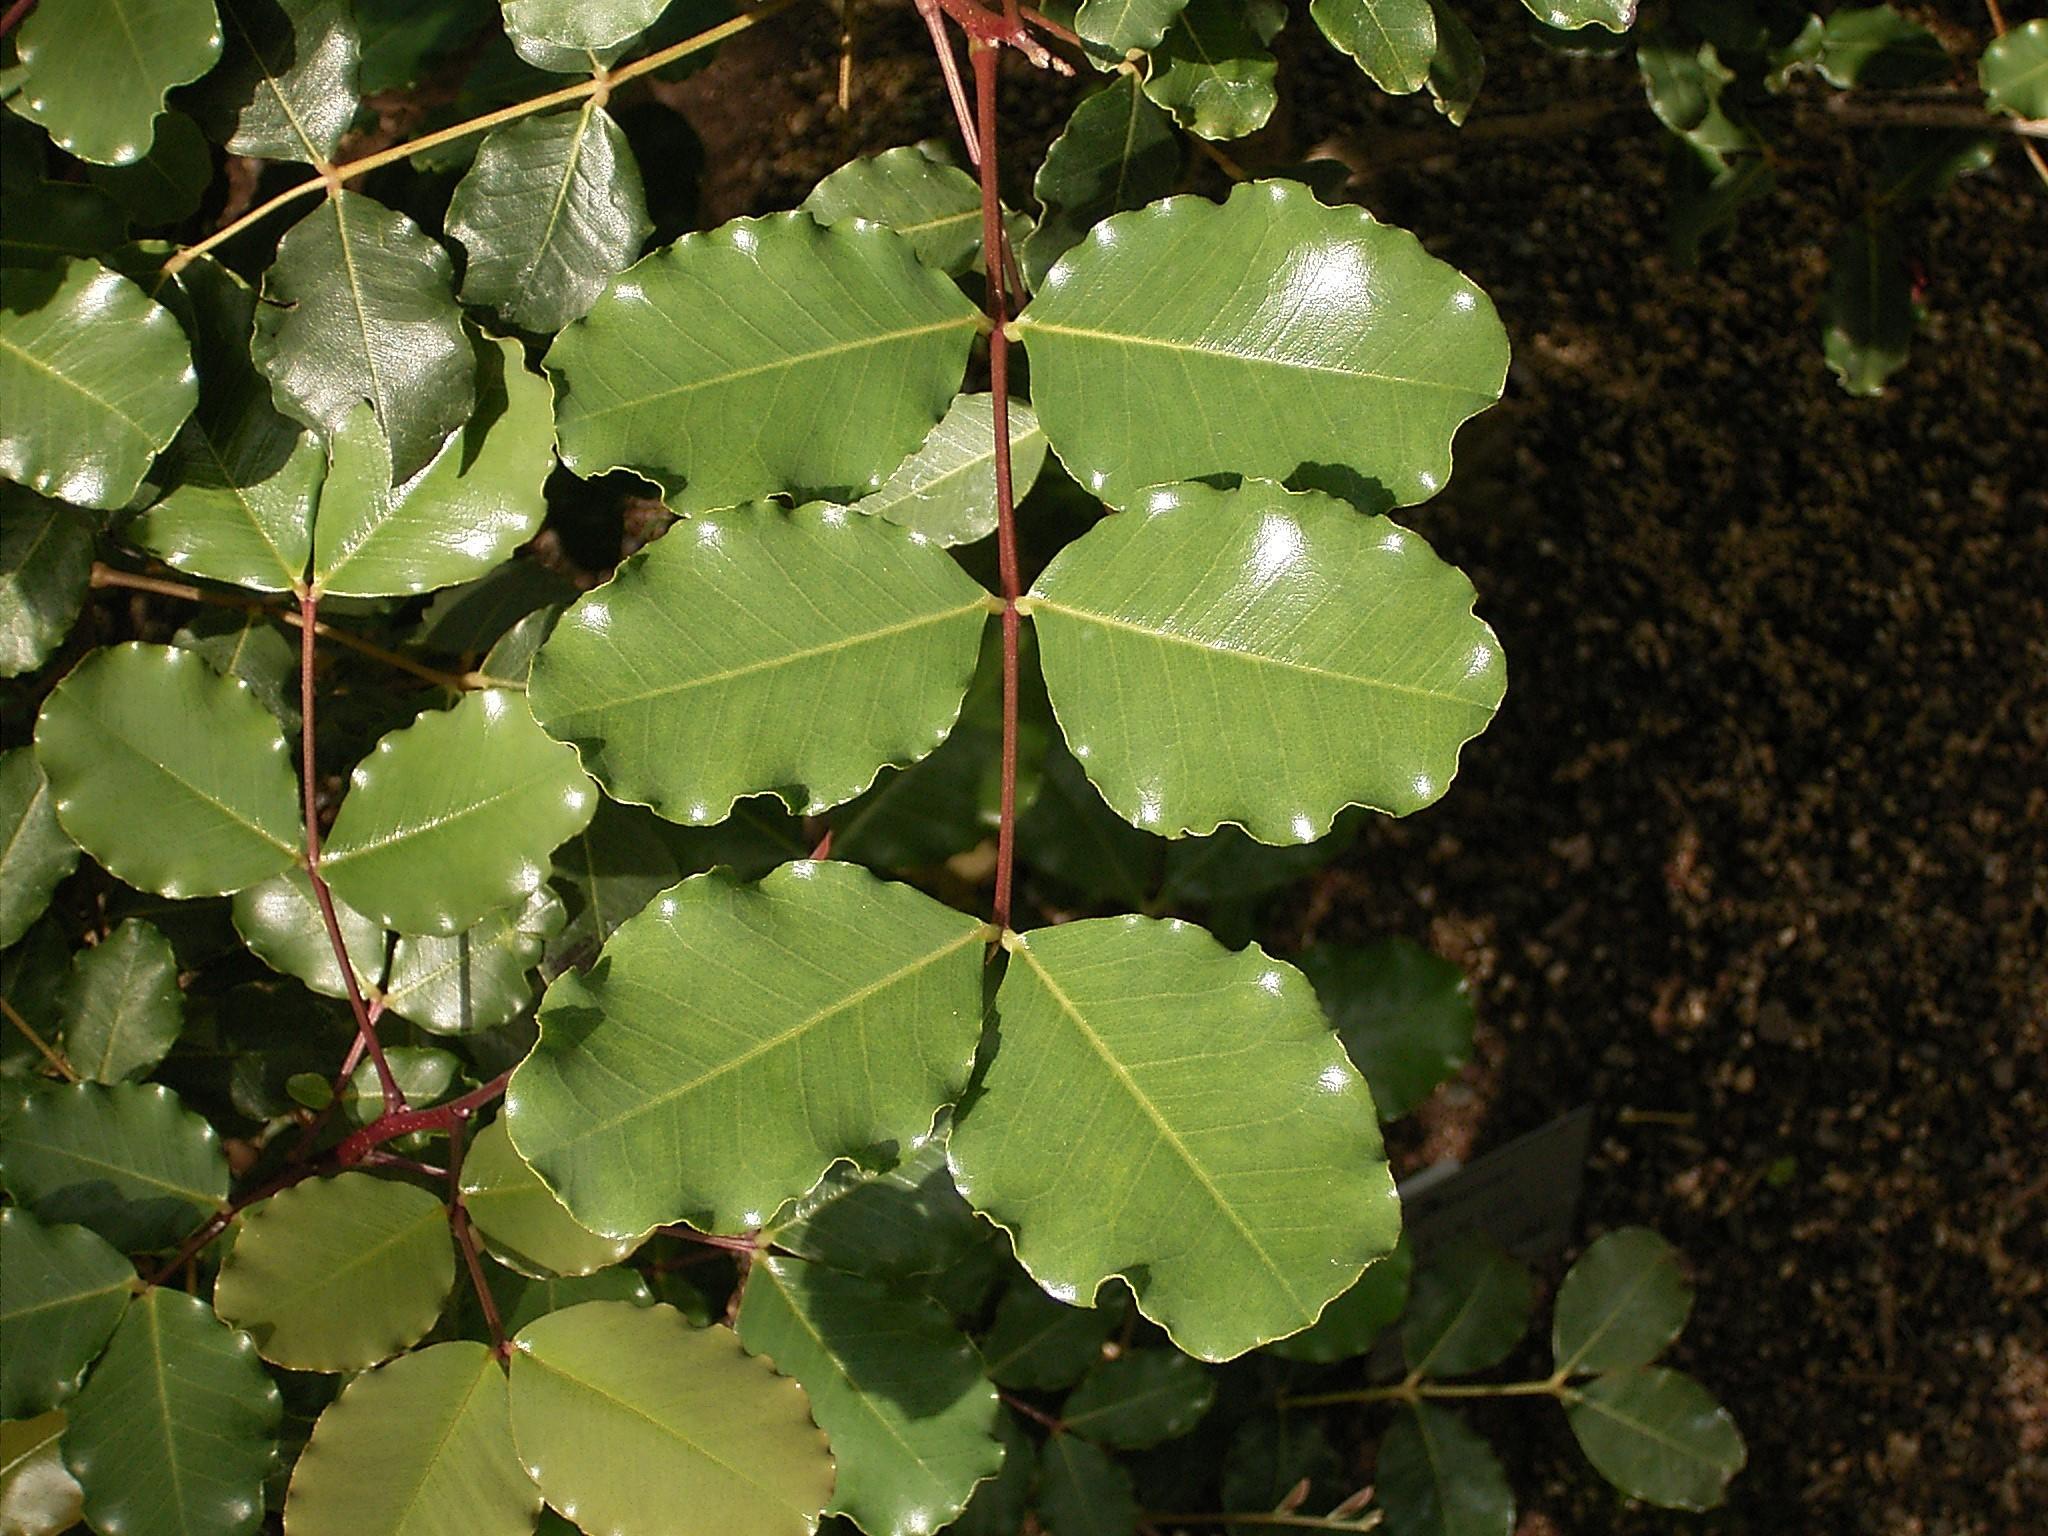 Ceratonia siliqua 02 ies.jpg